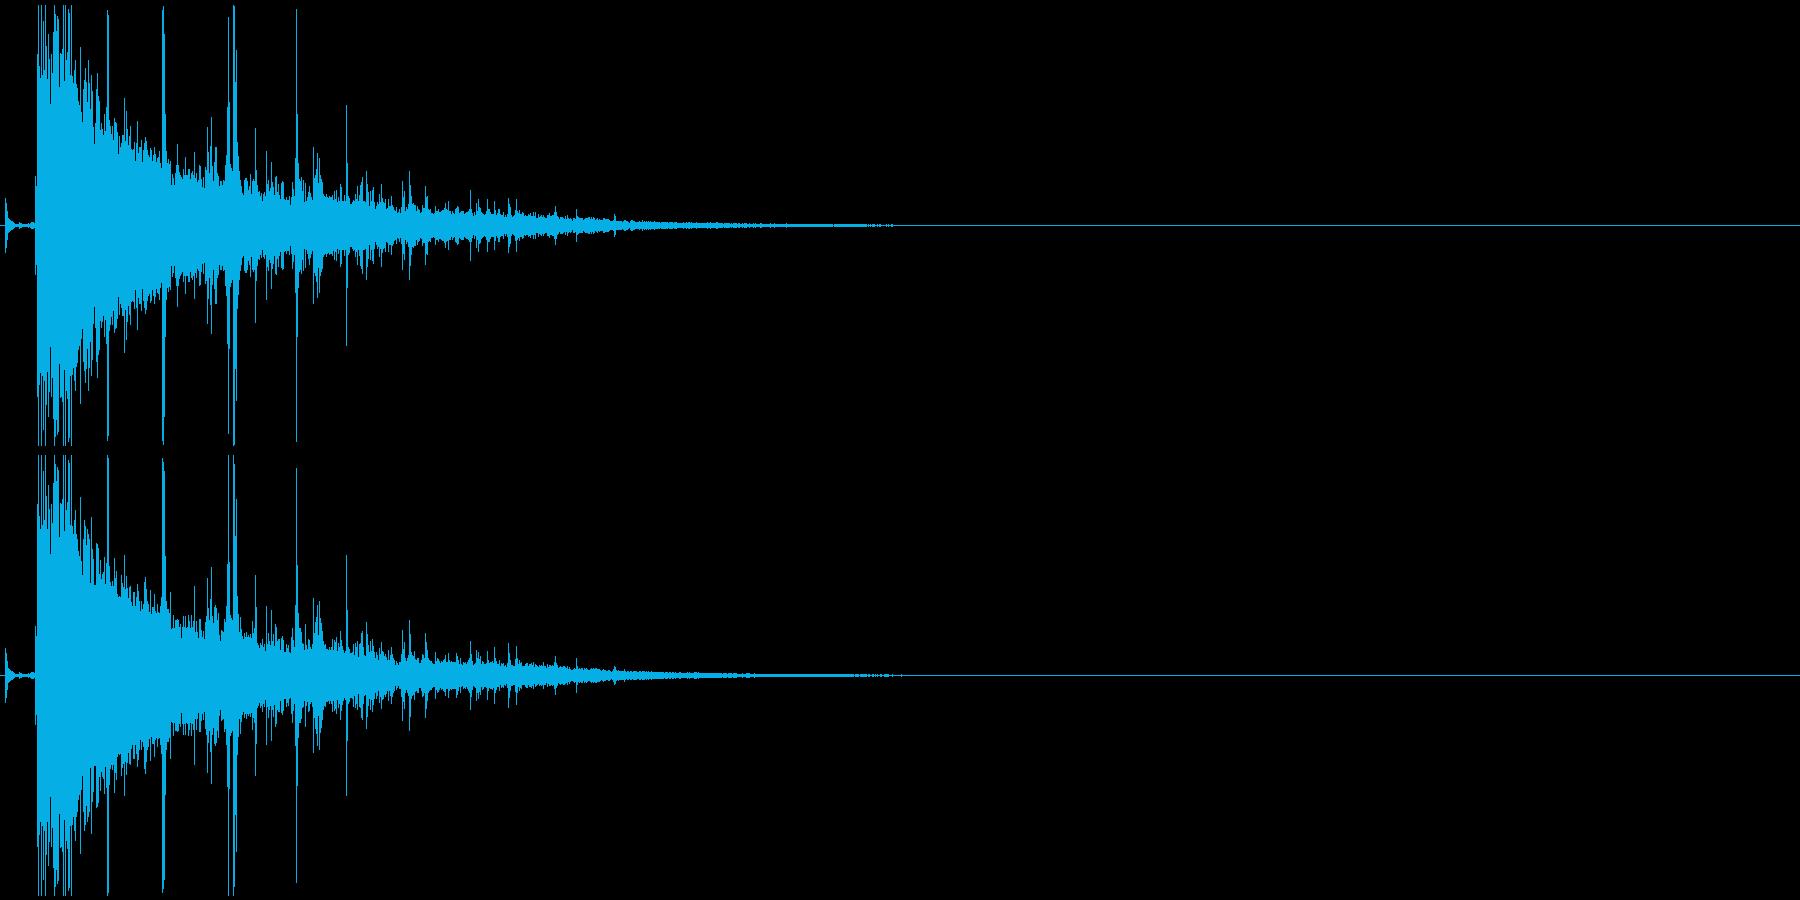 パズルが弾ける音・破裂・消滅・パーンッ2の再生済みの波形